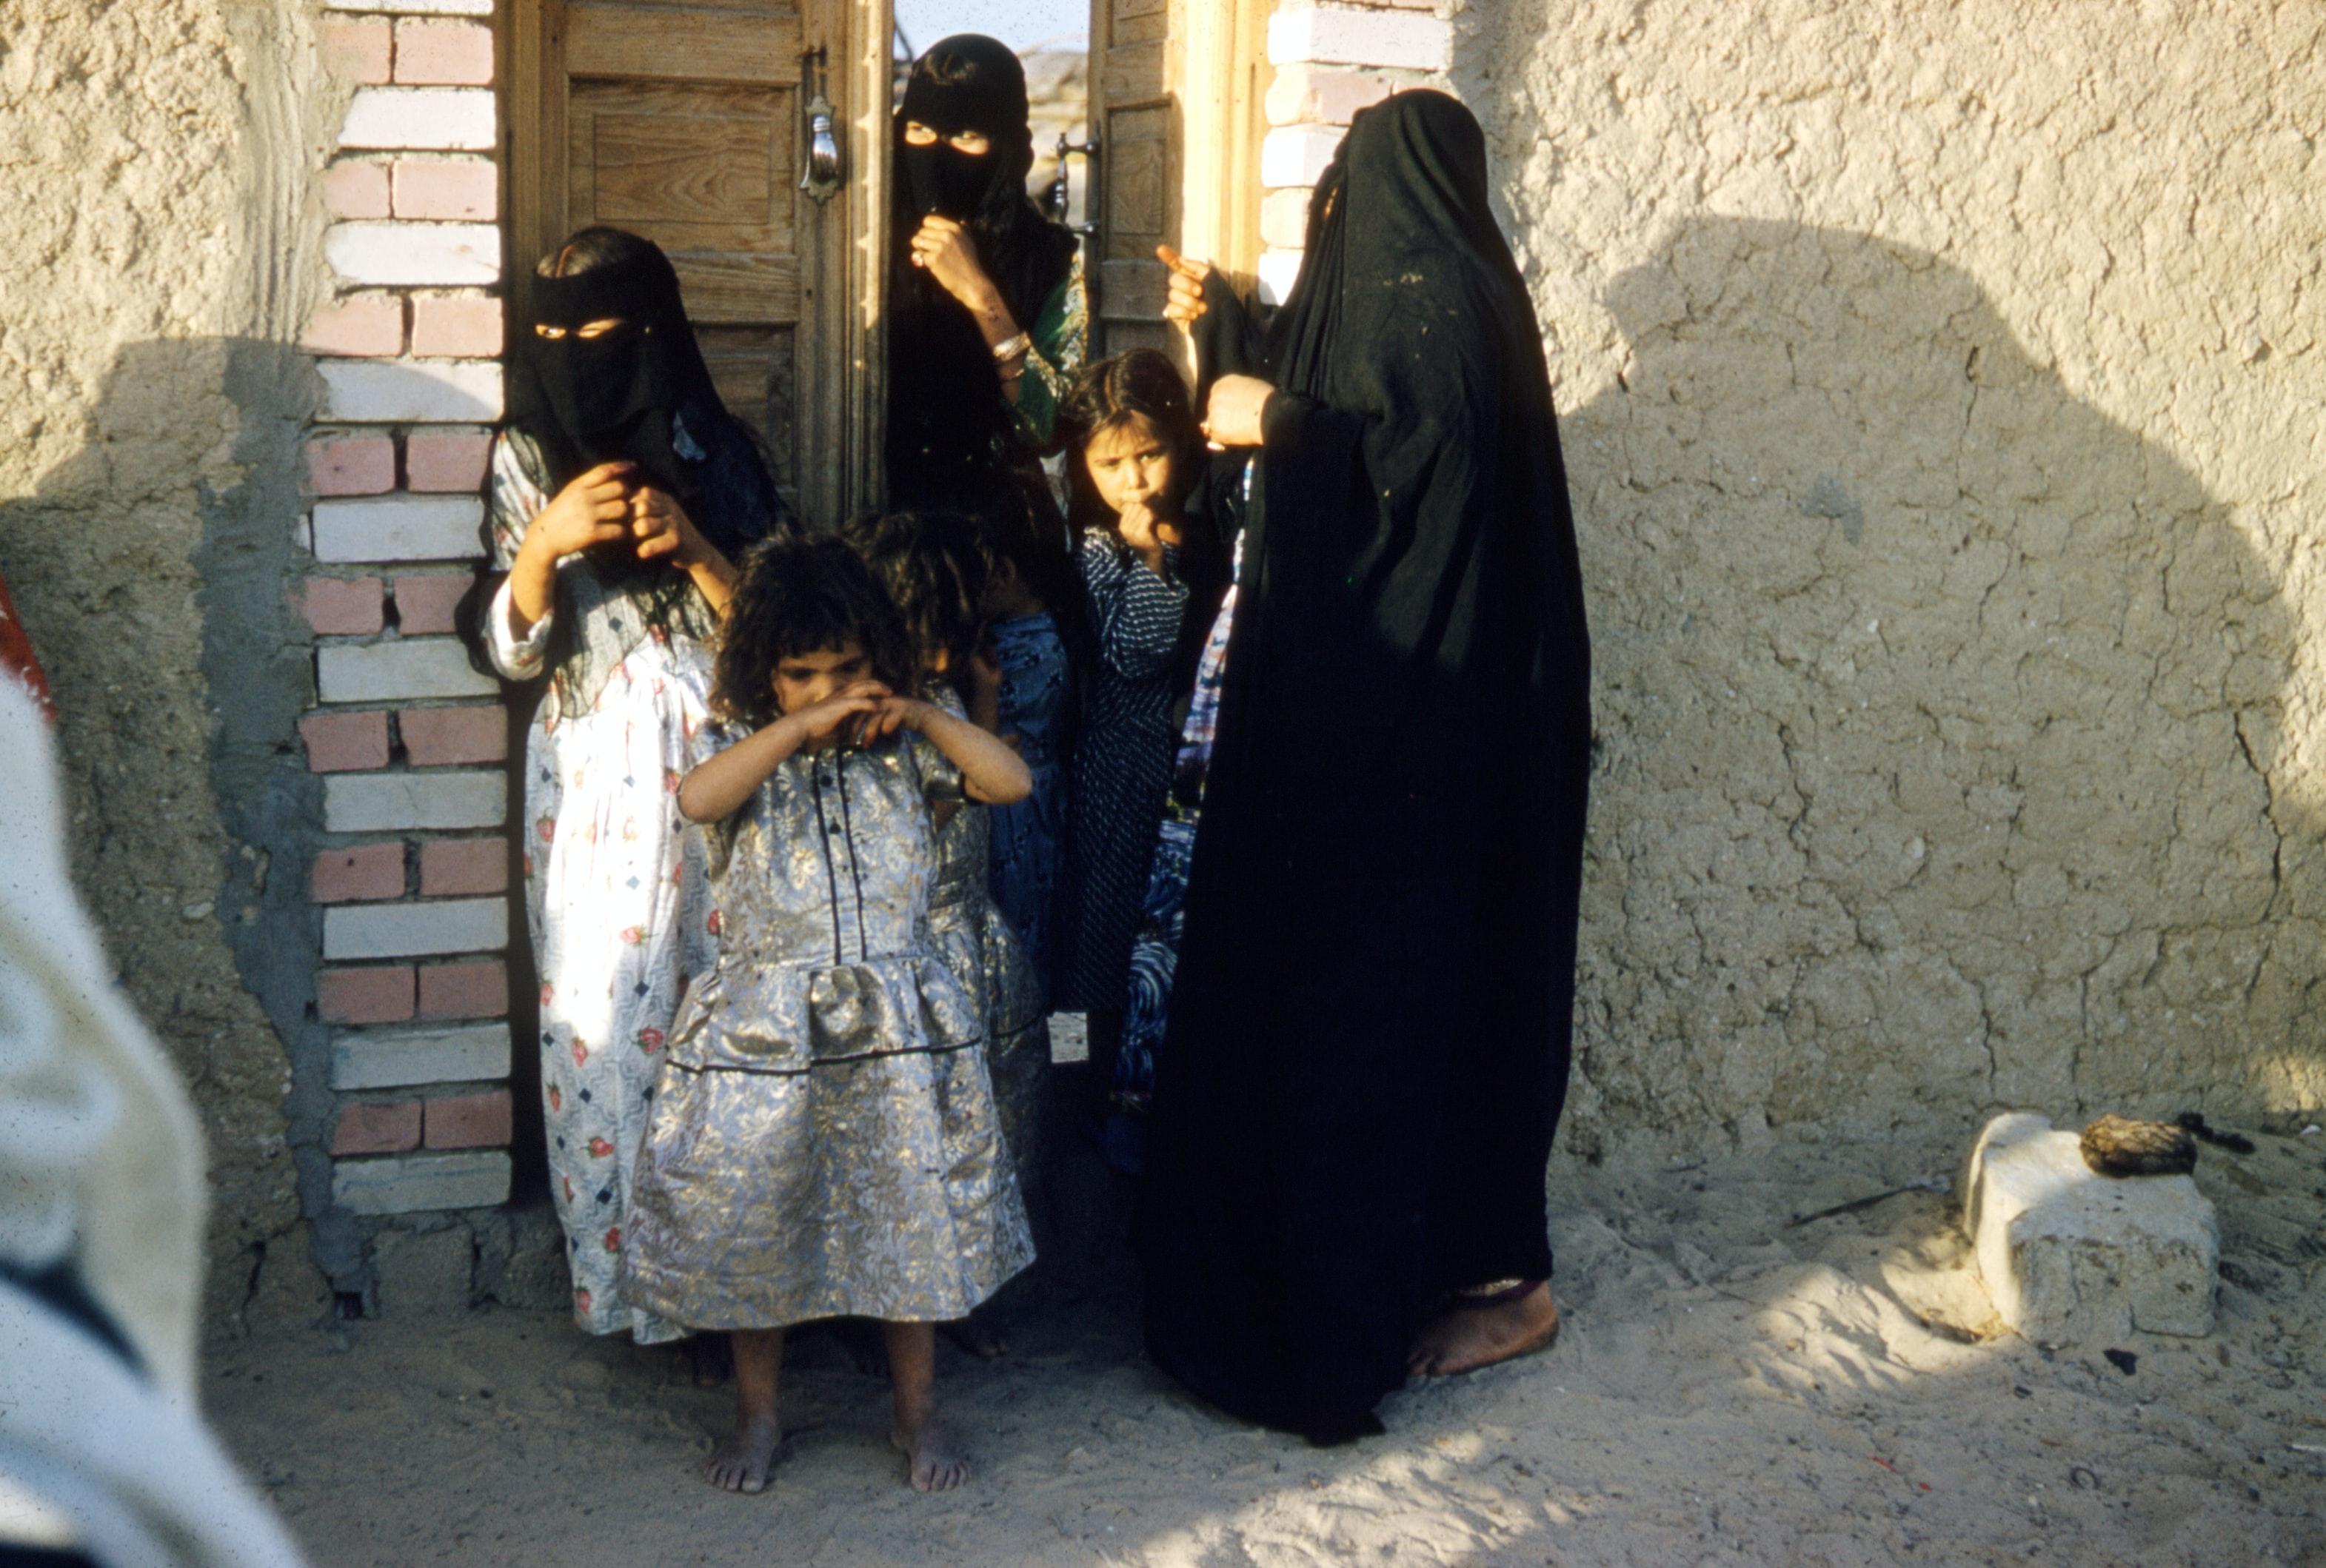 Talibowie przejmują władzę wAfganistanie. Co czeka afgańskie kobiety poradykalnej zmianie władzy?